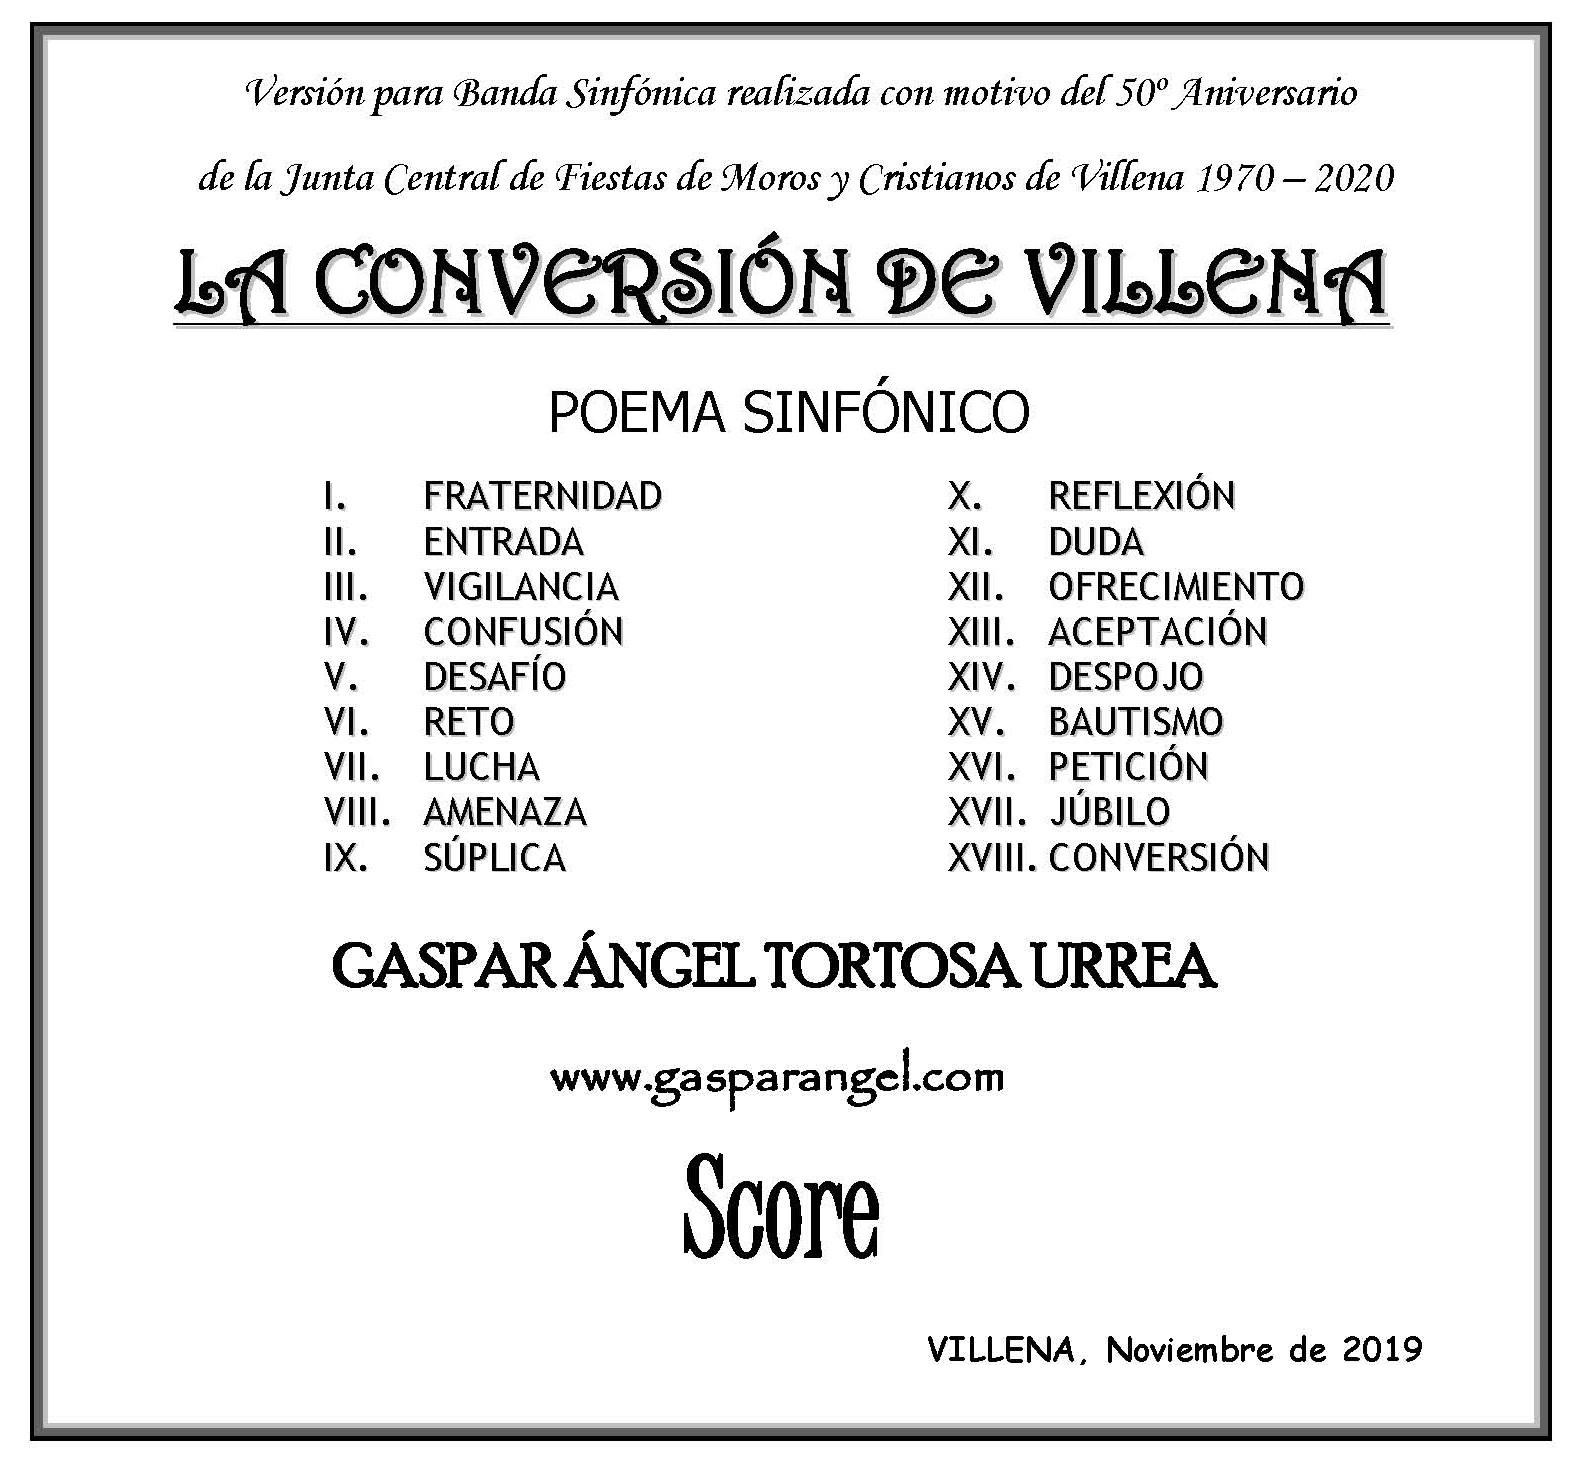 """ESTRENO DE LA VERSIÓN PARA BANDA SINFÓNICA DE """"LA CONVERSIÓN DE VILLENA"""" (Poema Sinfónico)"""